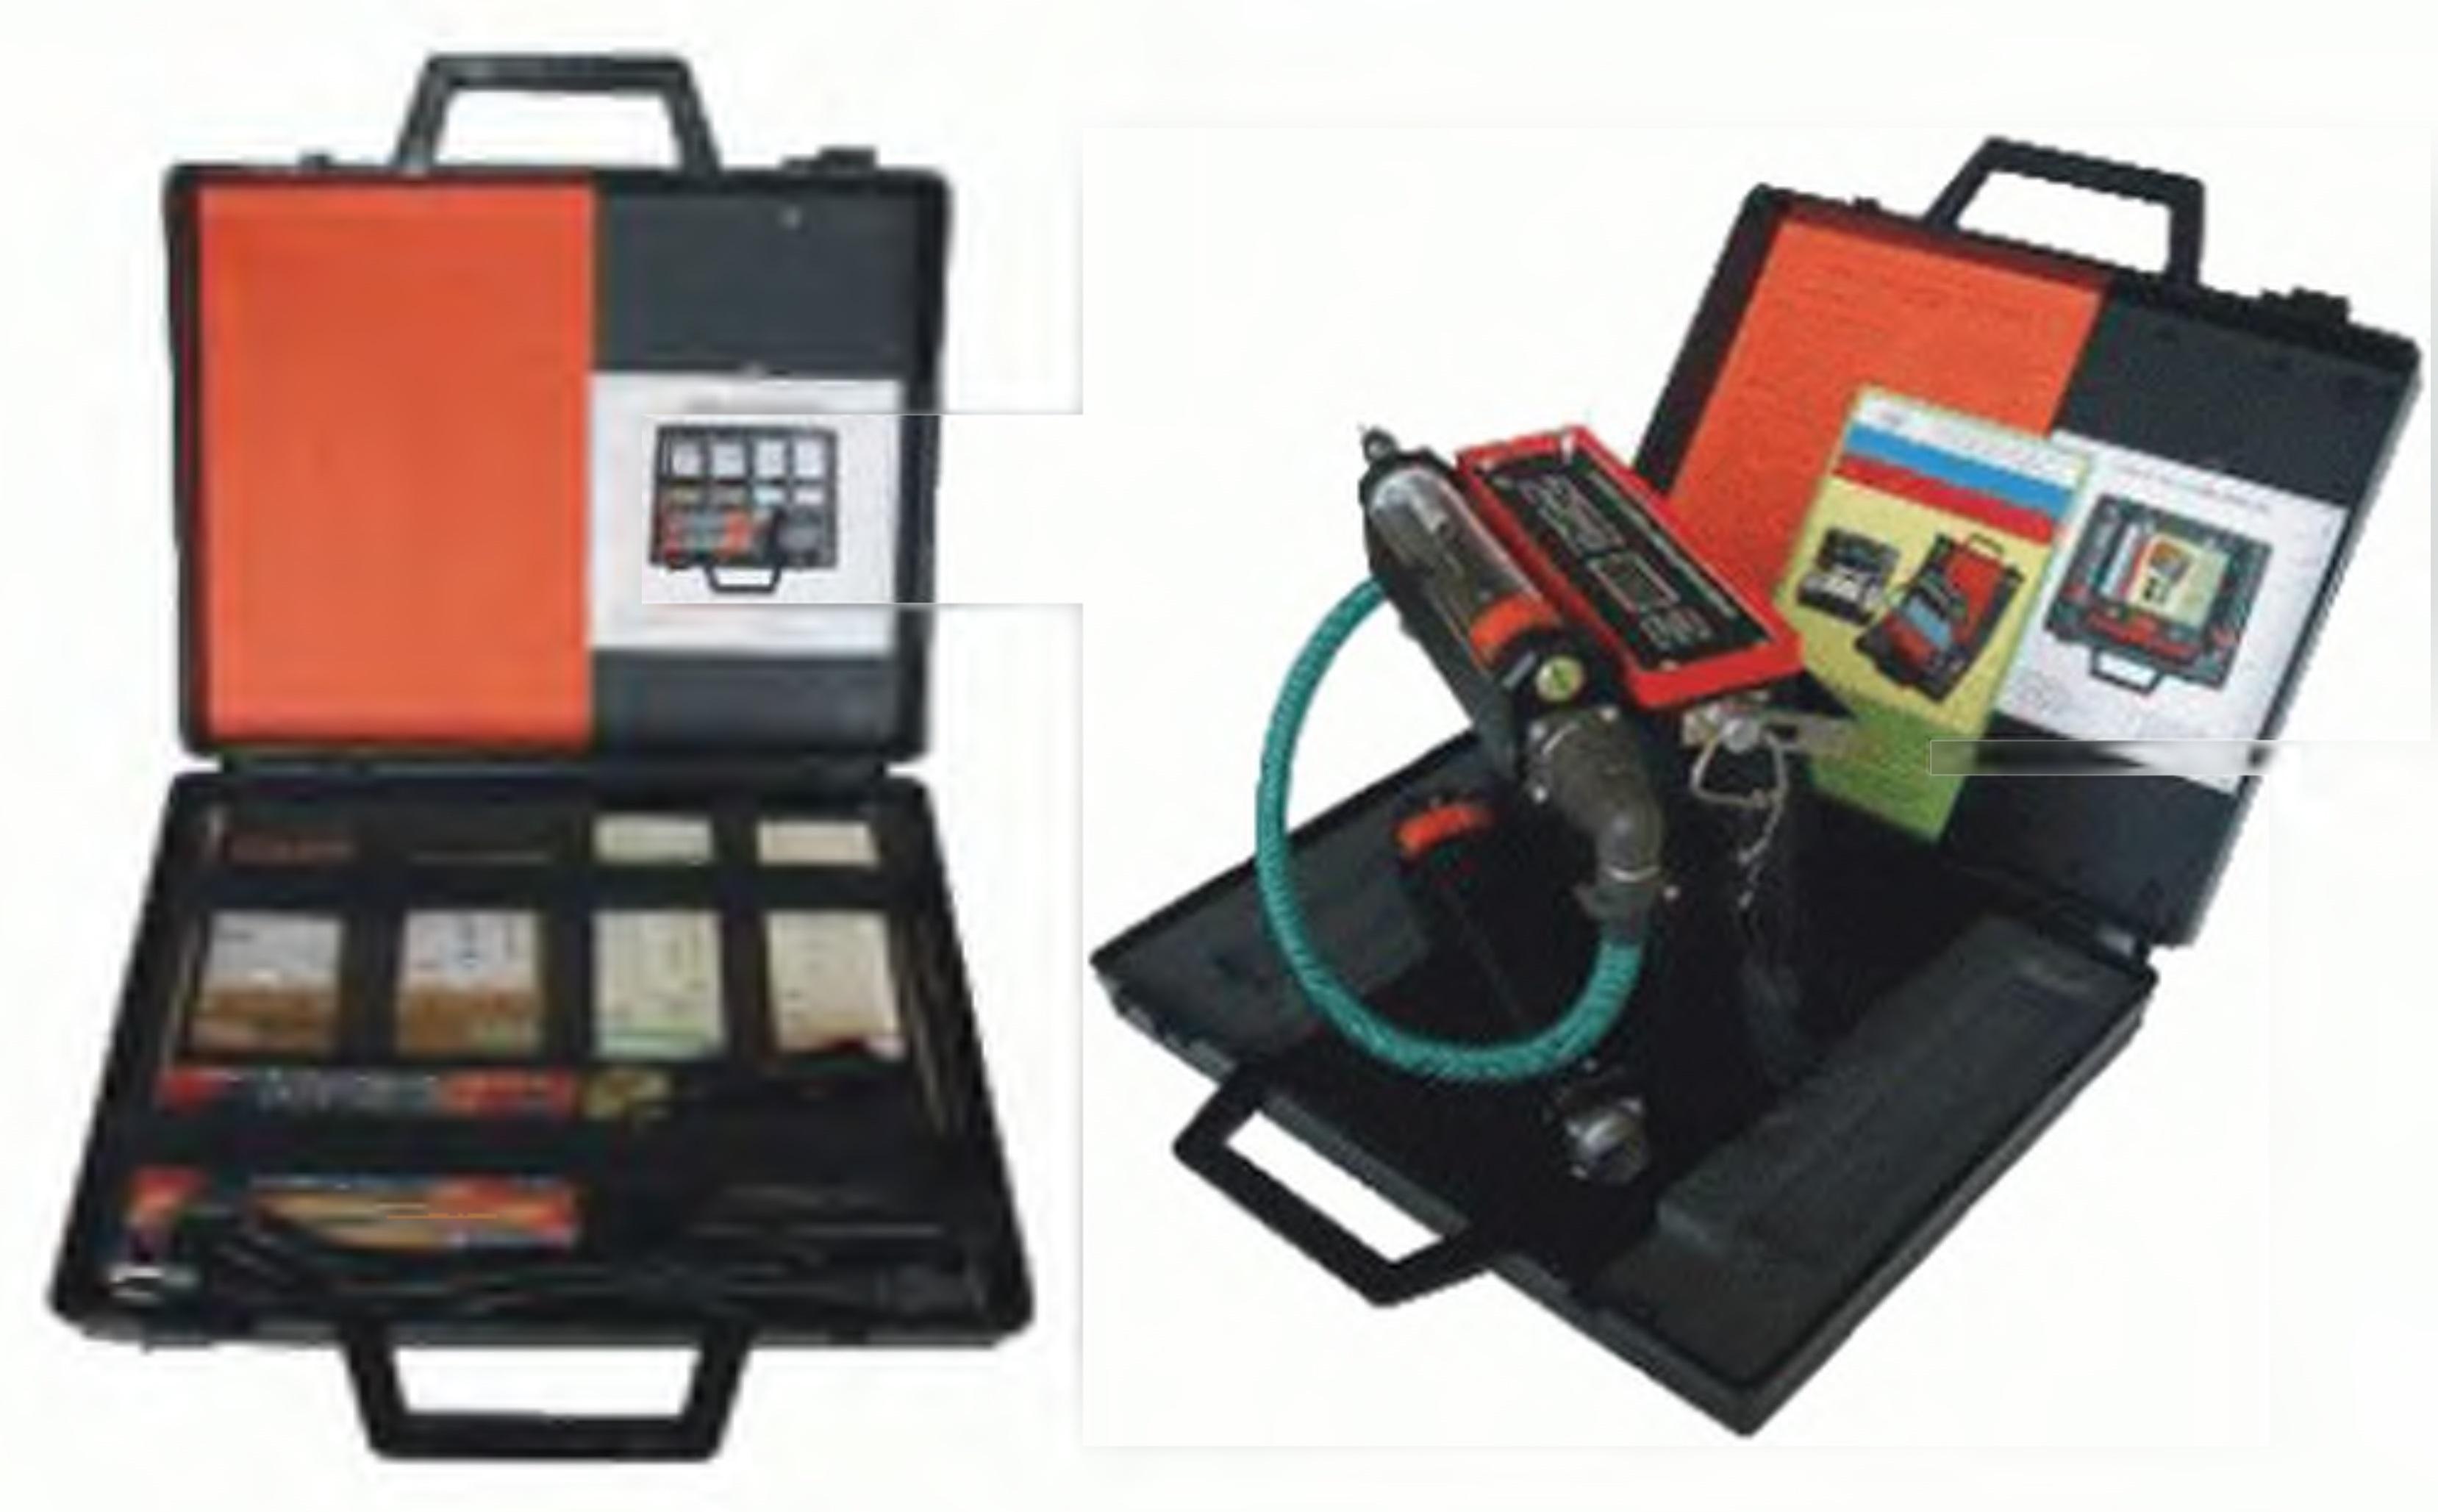 Прибор газового контроля универсальный УПГК-ЛИМБ с блоком отравляющих веществ